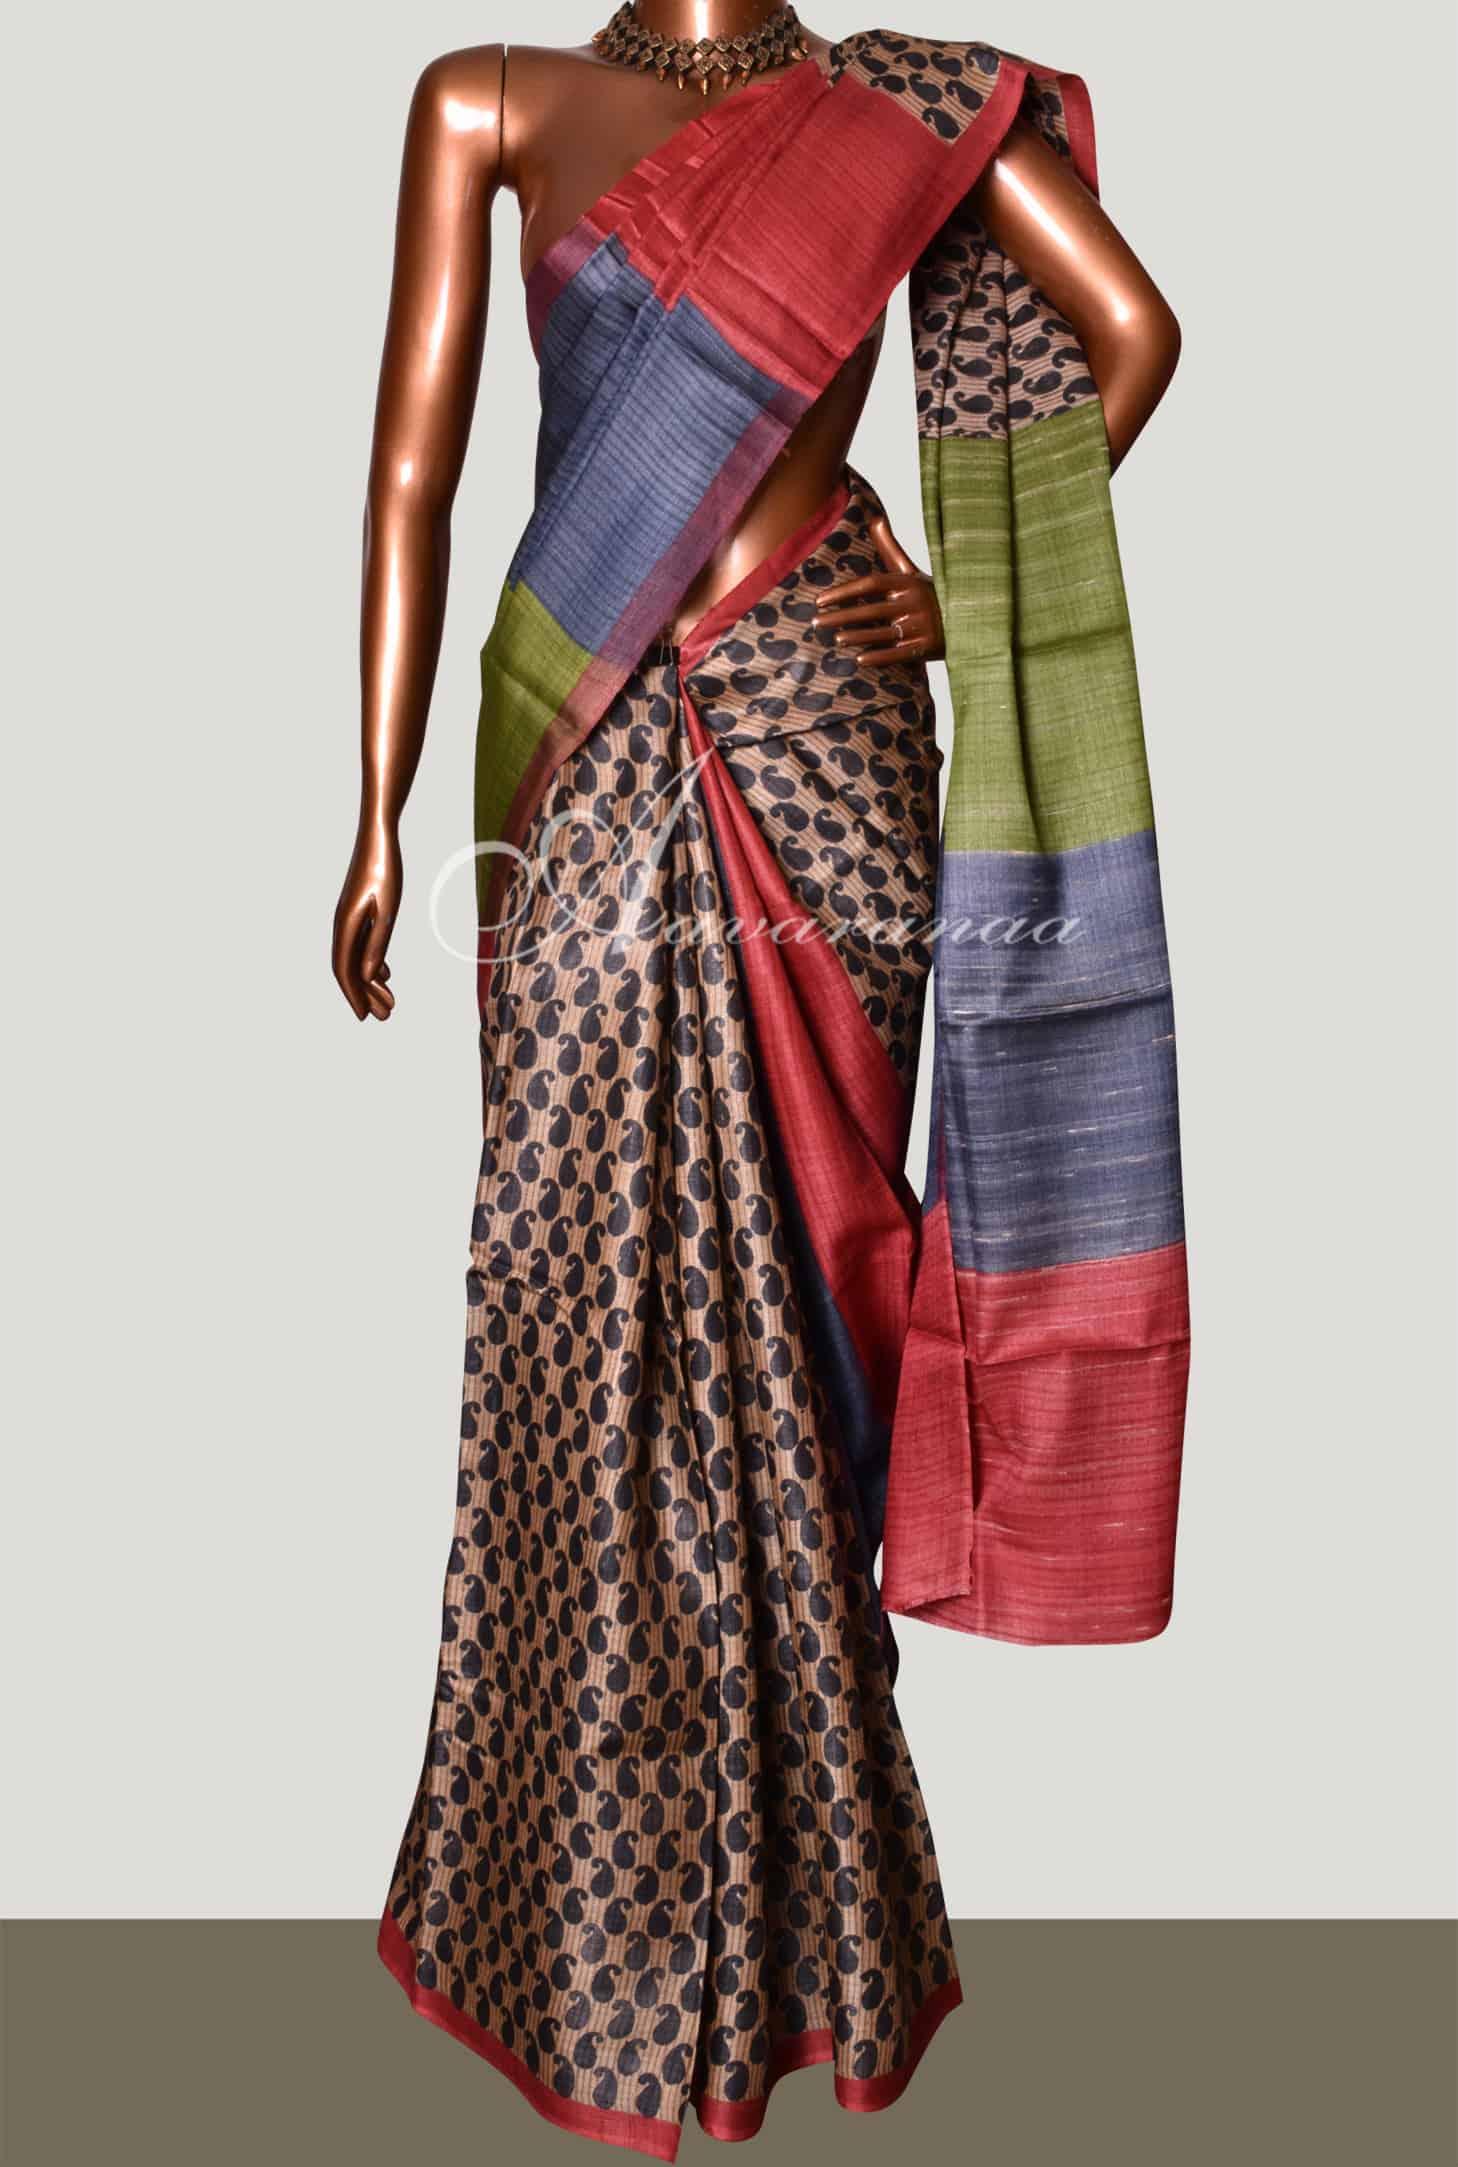 67431dd8b2 Saree Beige Mango Print Tussar Saree | Aavaranaa Sale Online Shopping